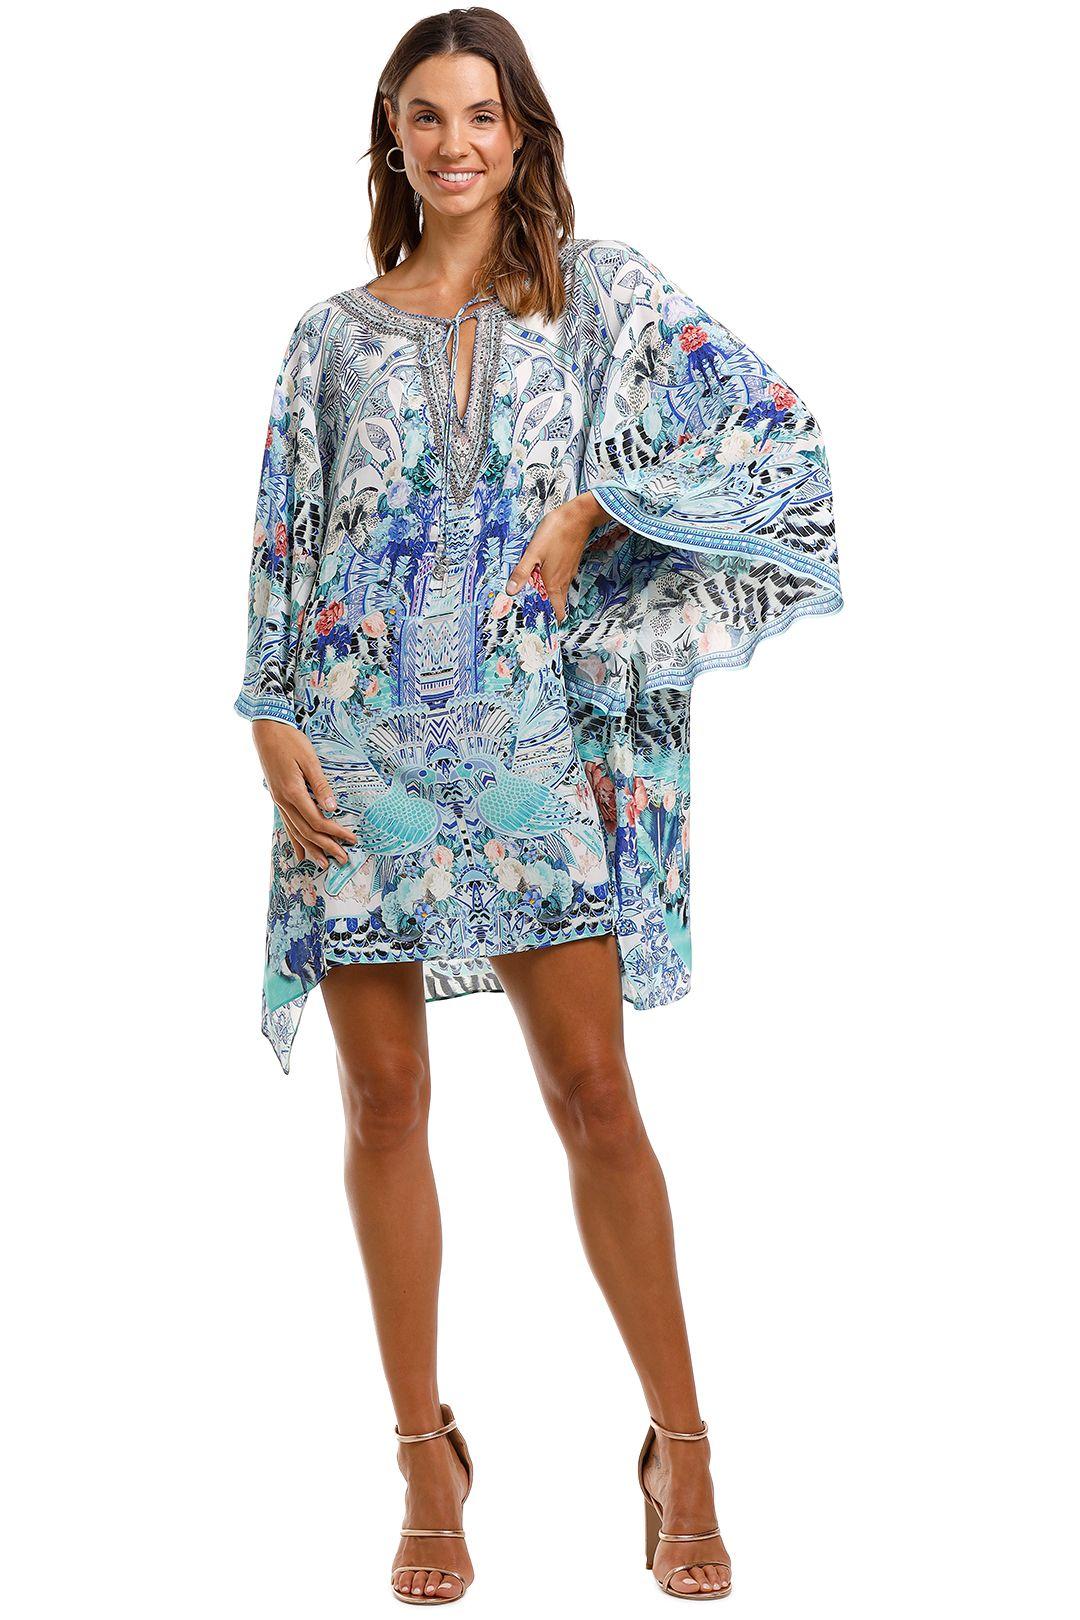 Camilla Shaped Hem Short Kaftan Blue Print